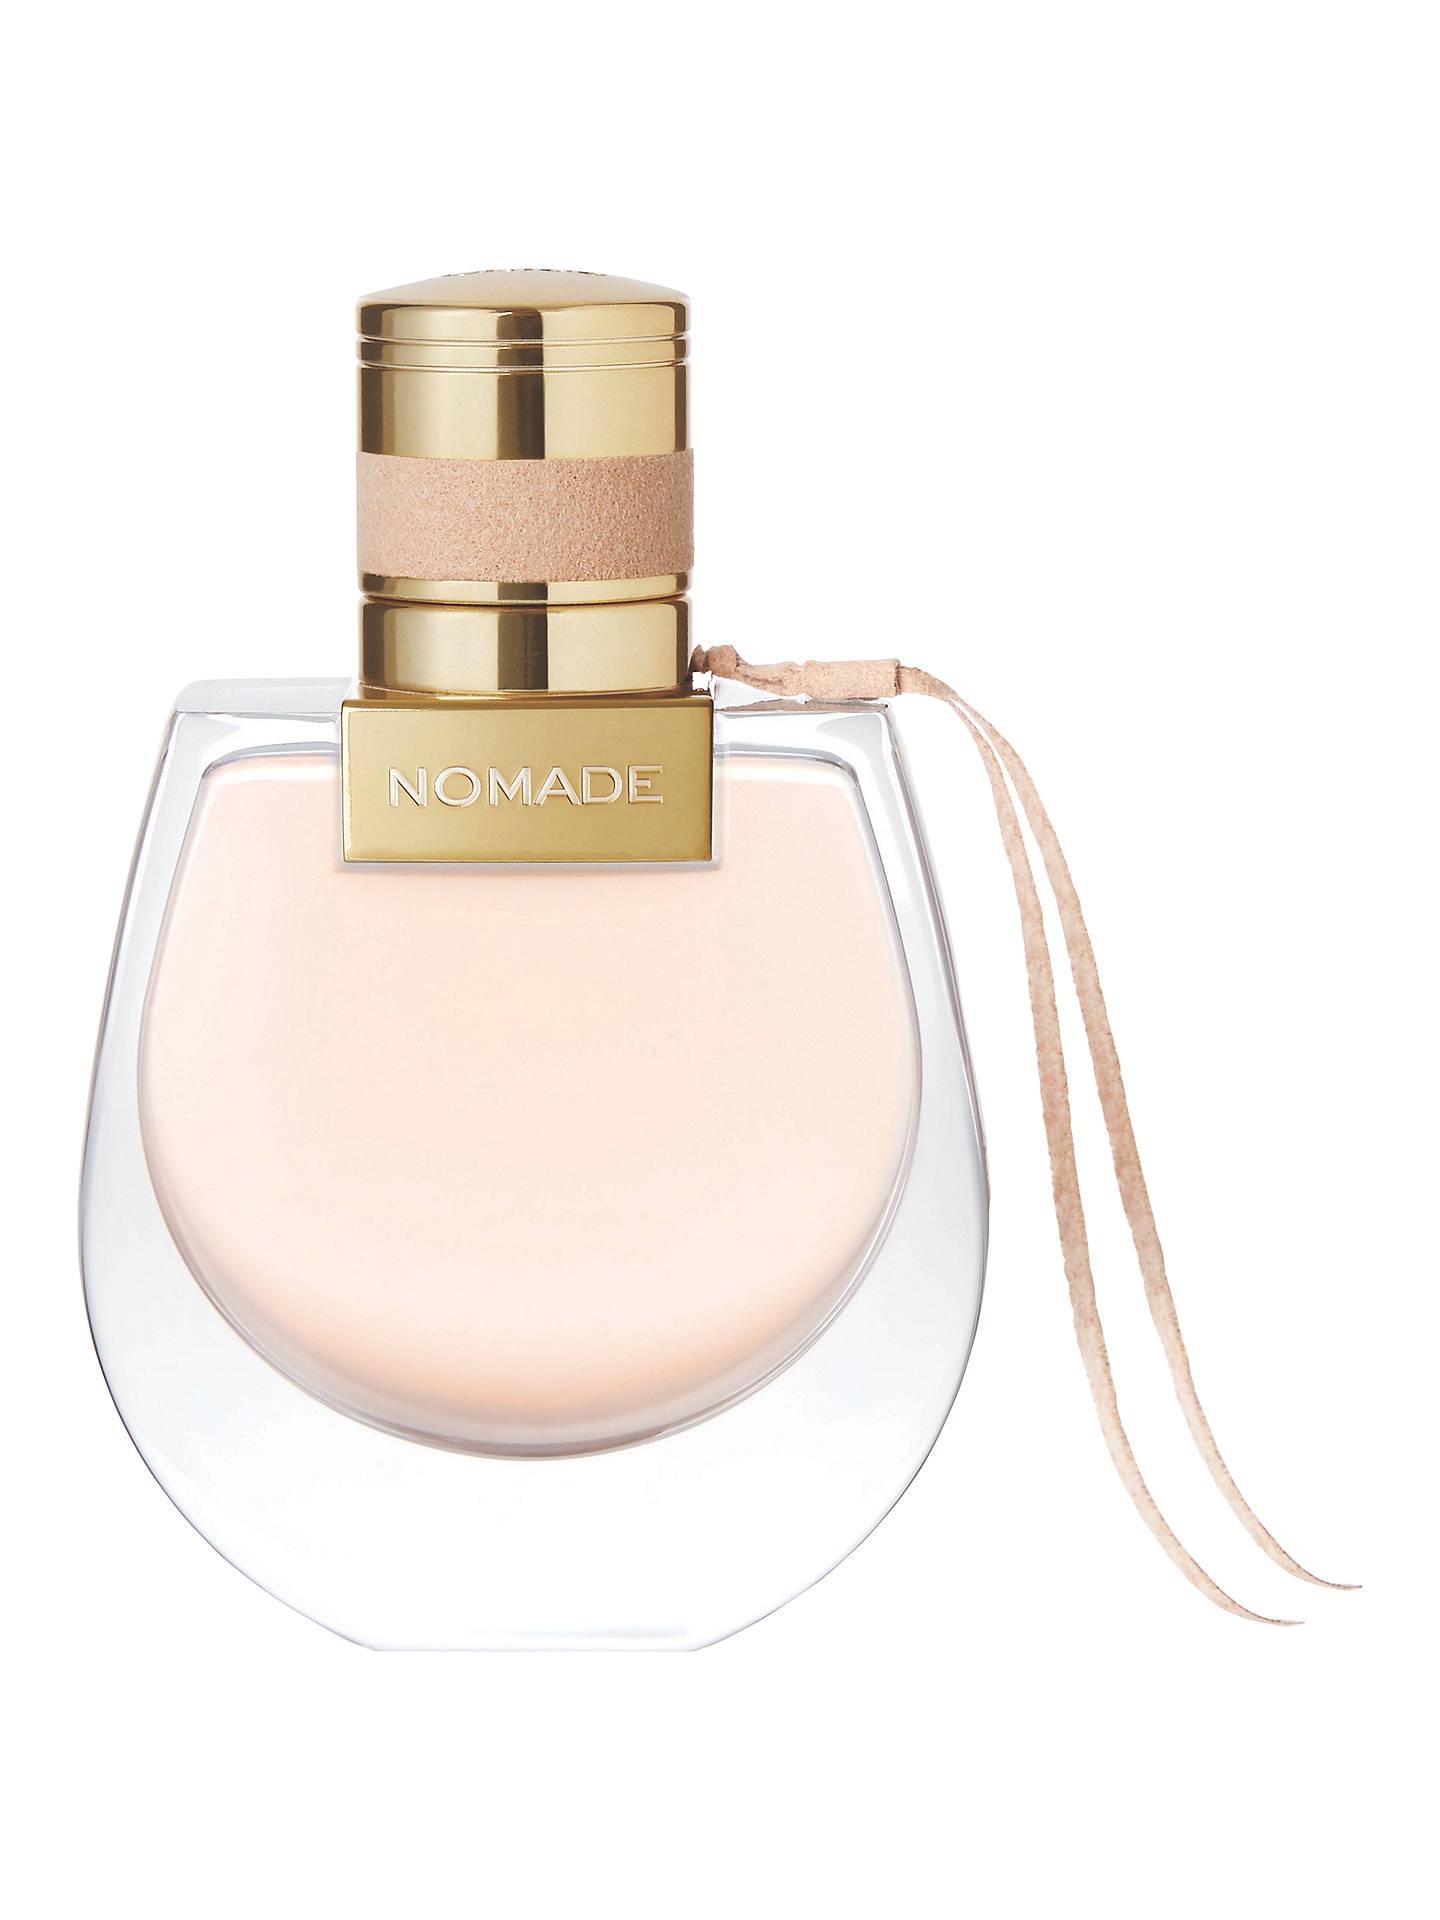 Chloé Nomade Eau De Parfum by ChloÉ